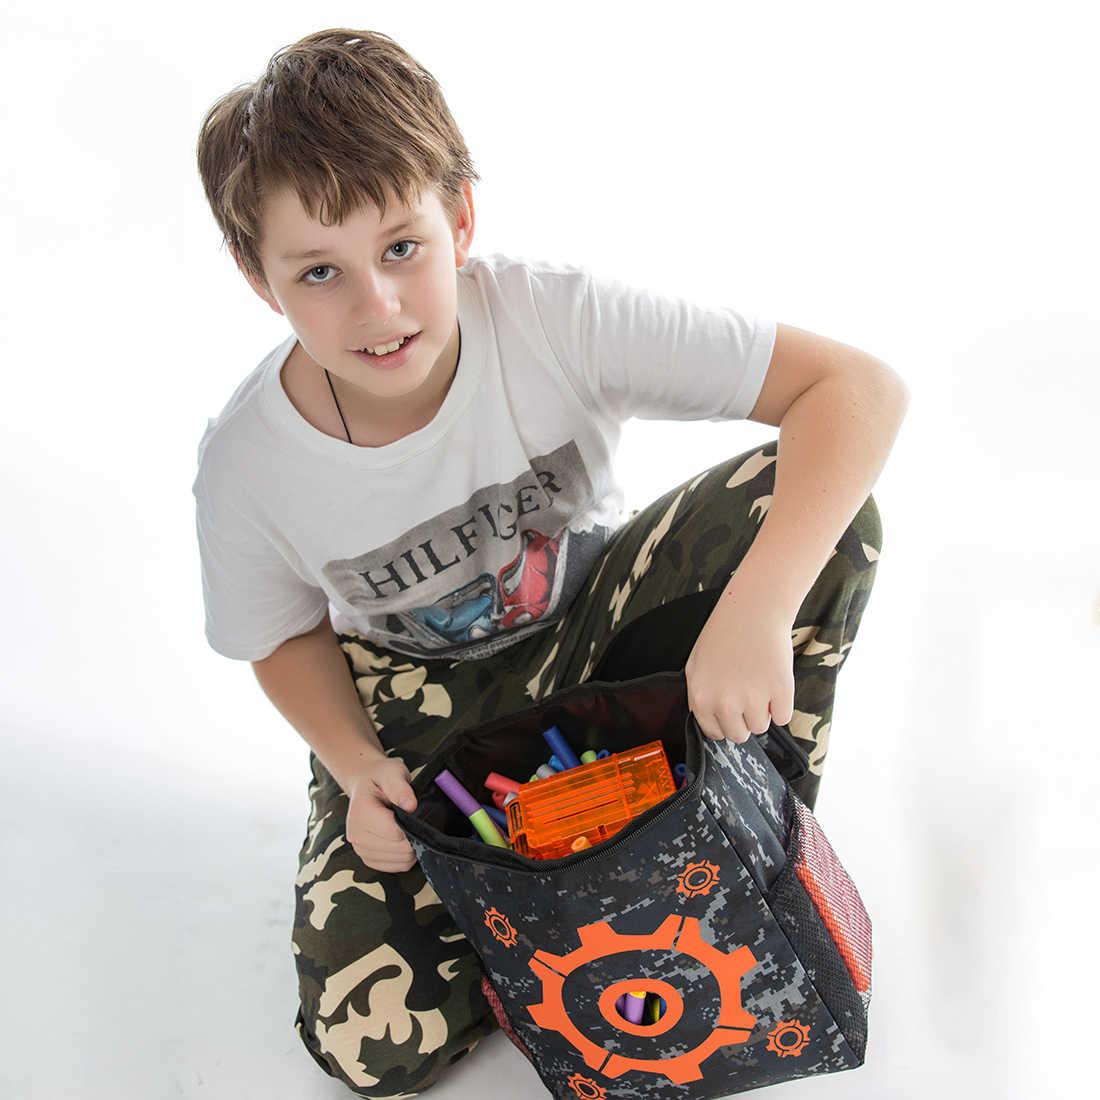 Ткань Оксфорд целевой шаблон практика стрельбы мешок мягкий патронташ для Nerf-камуфляж